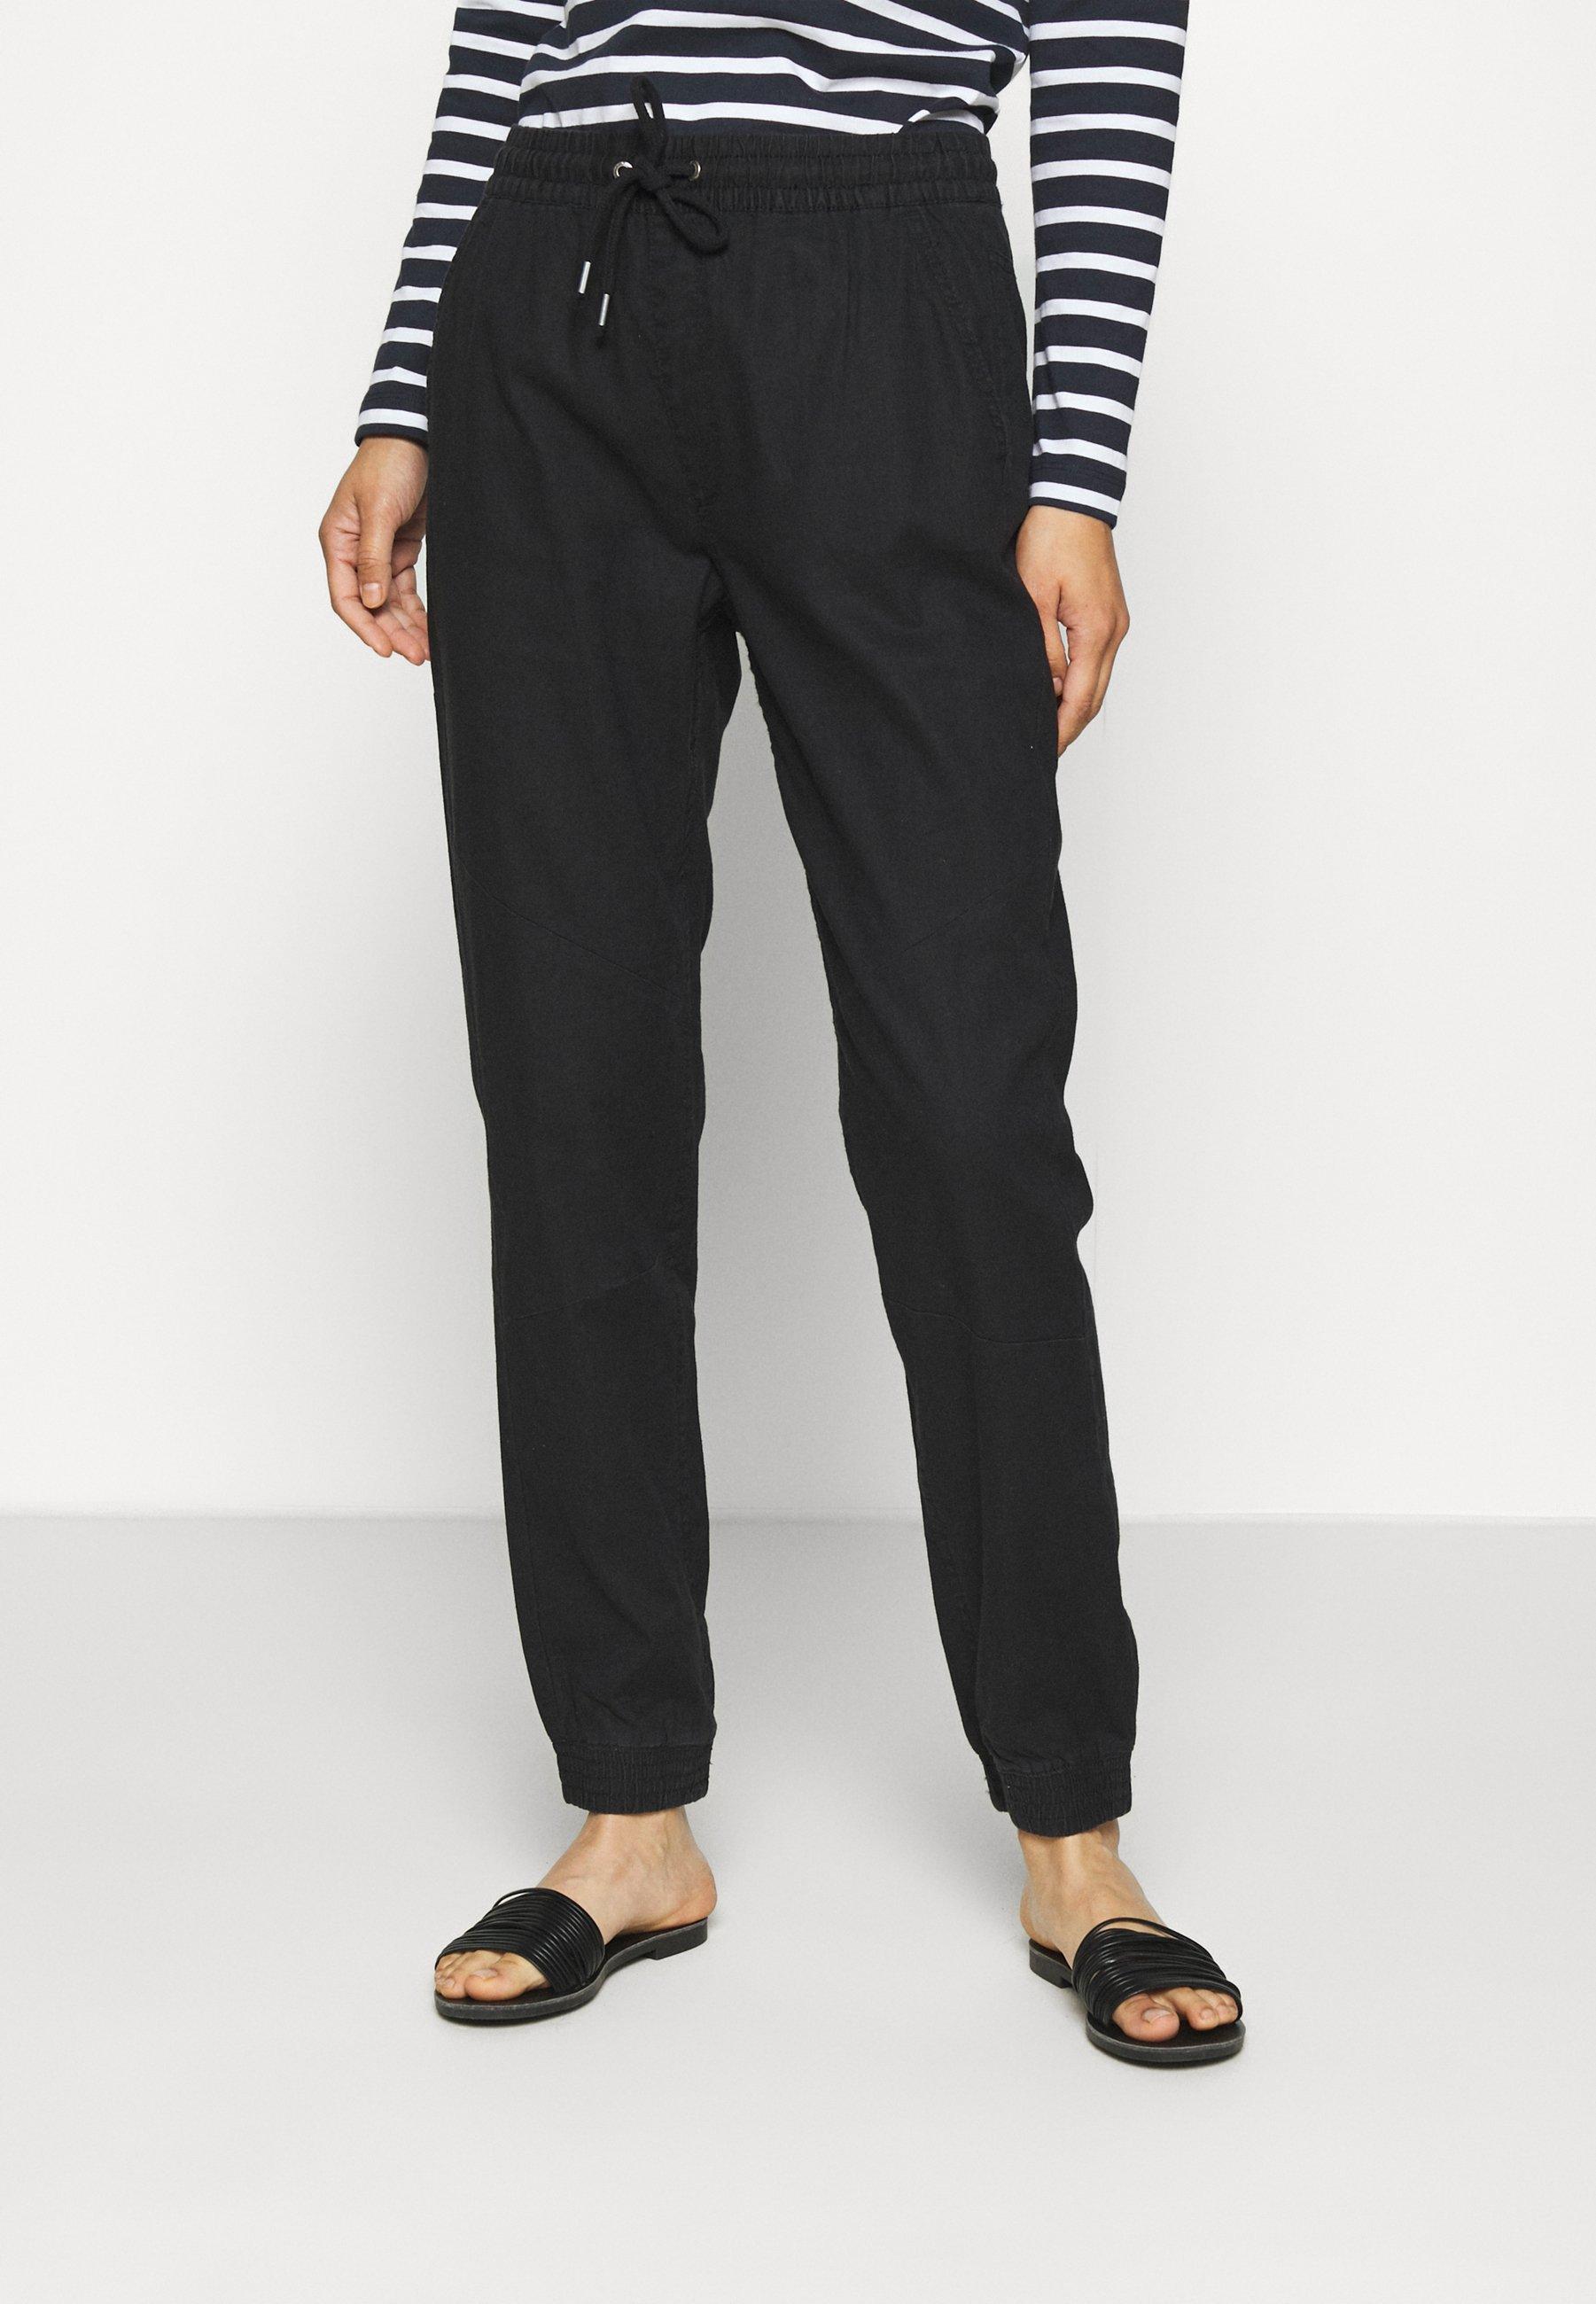 QS designed by Pantalon classique black ZALANDO.FR